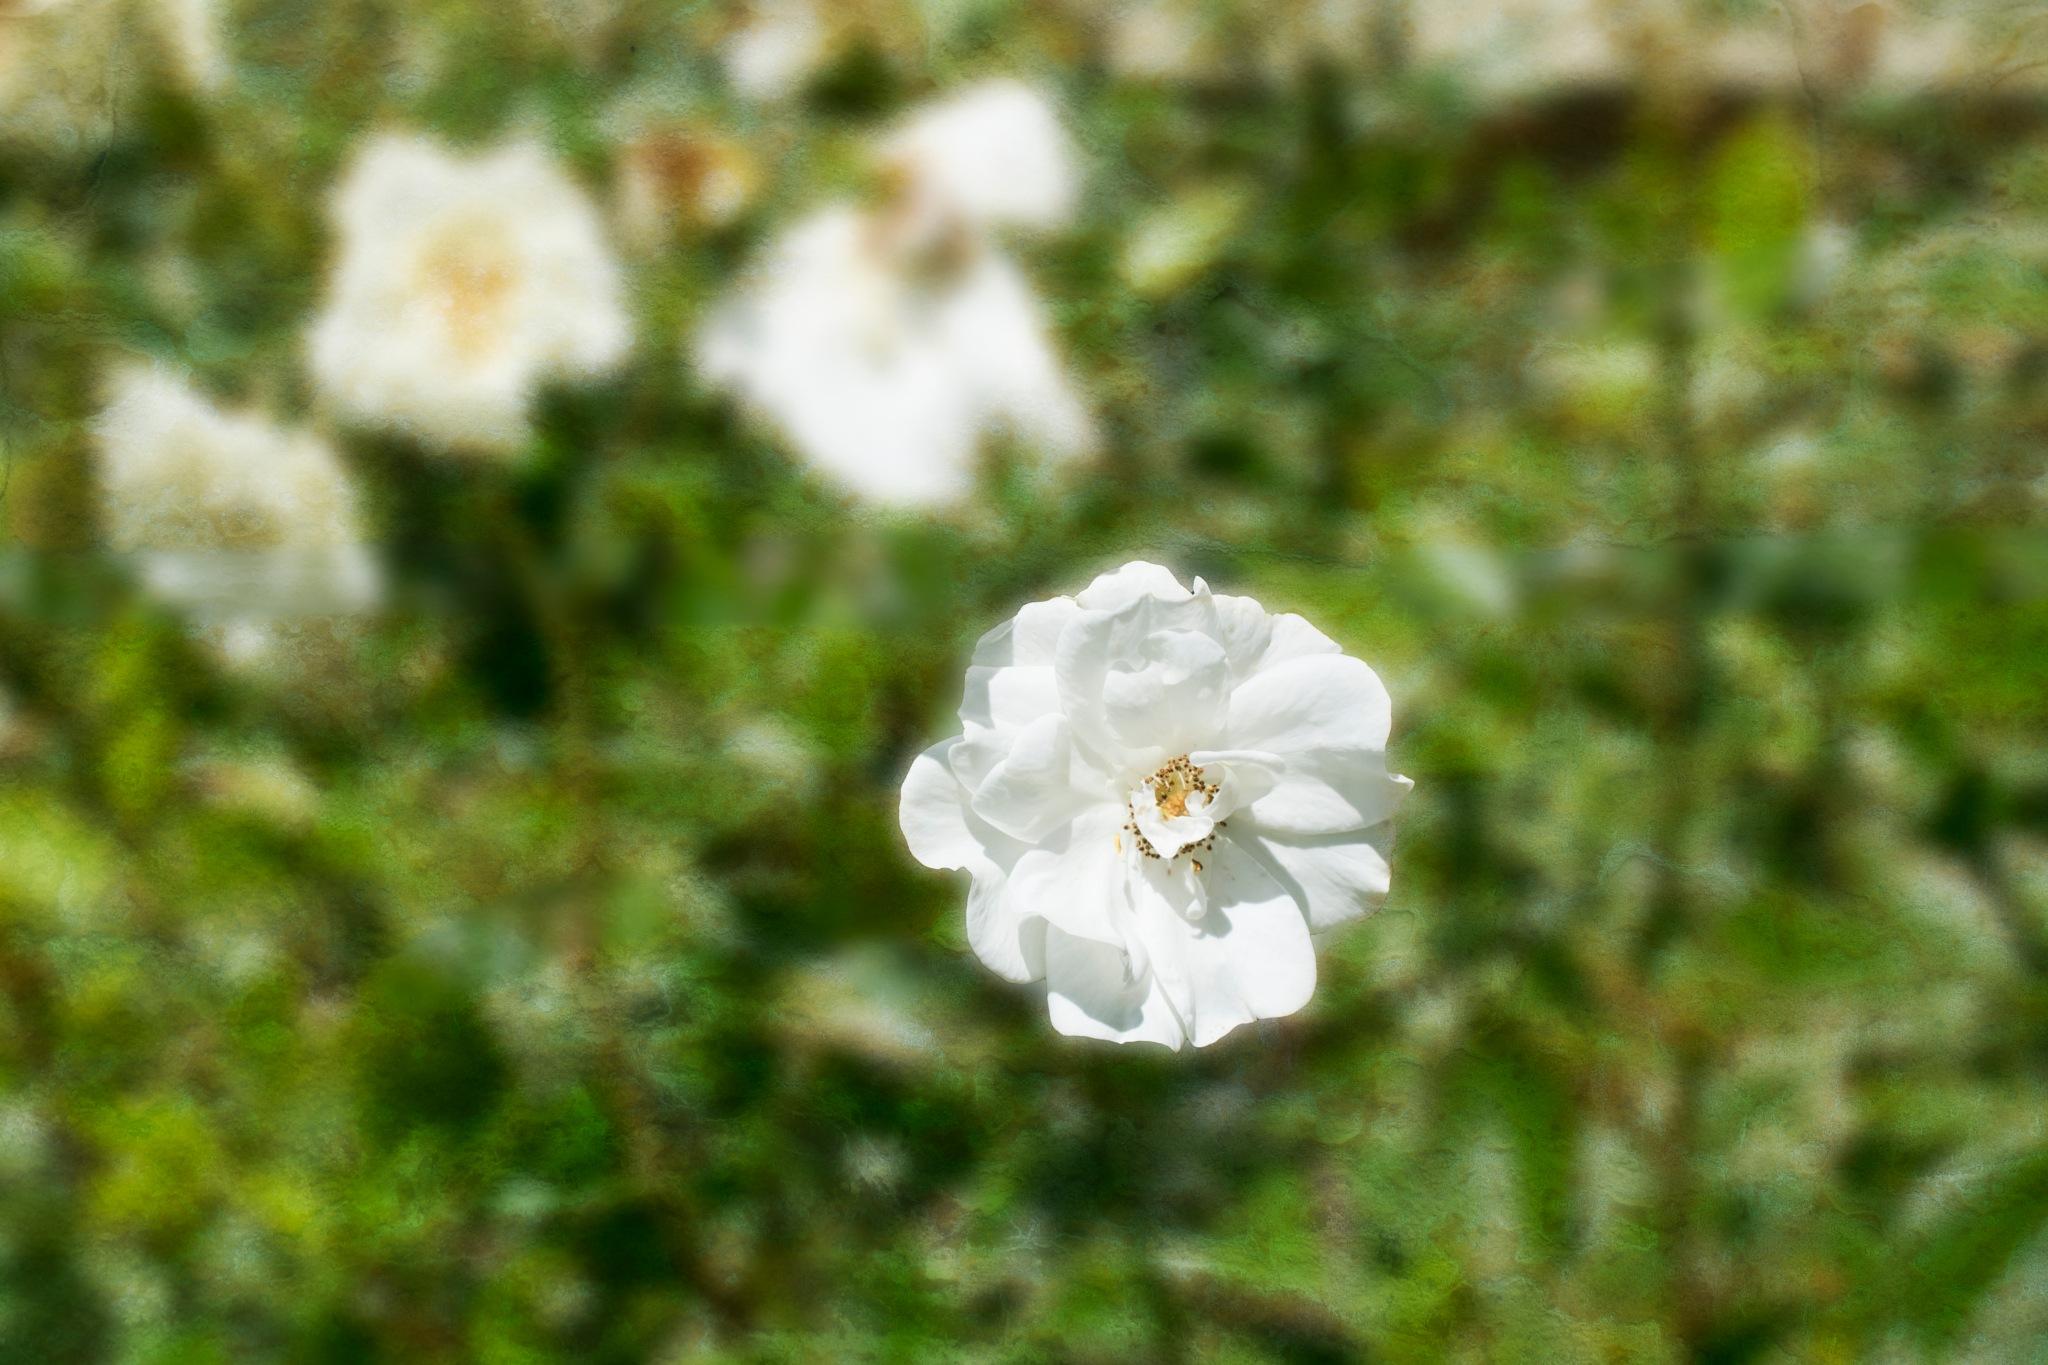 White Flower by stephen.harding.735